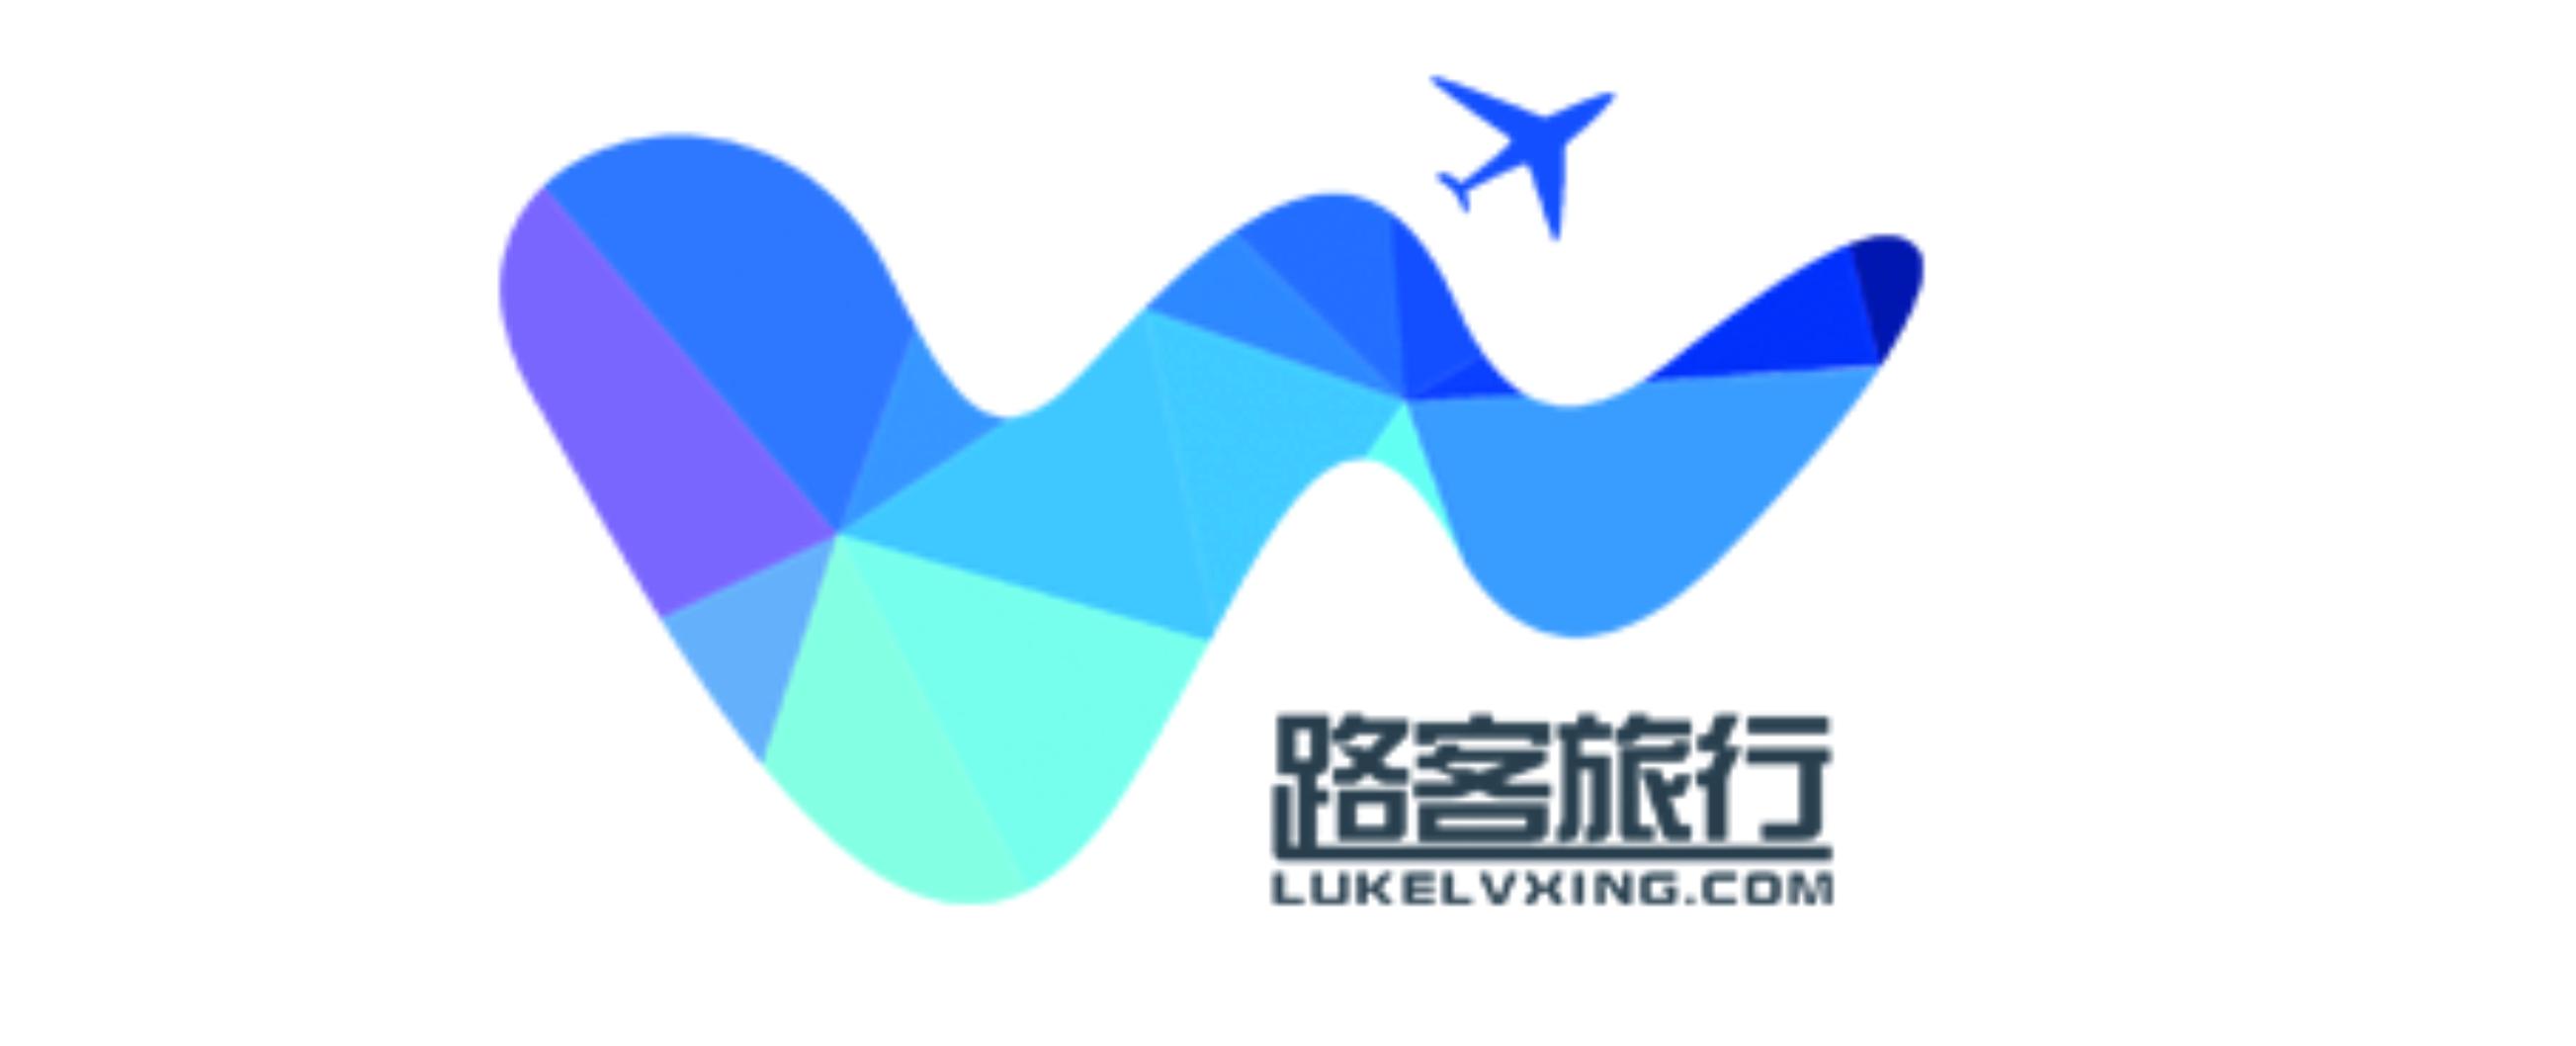 杭州路客旅行社有限公司